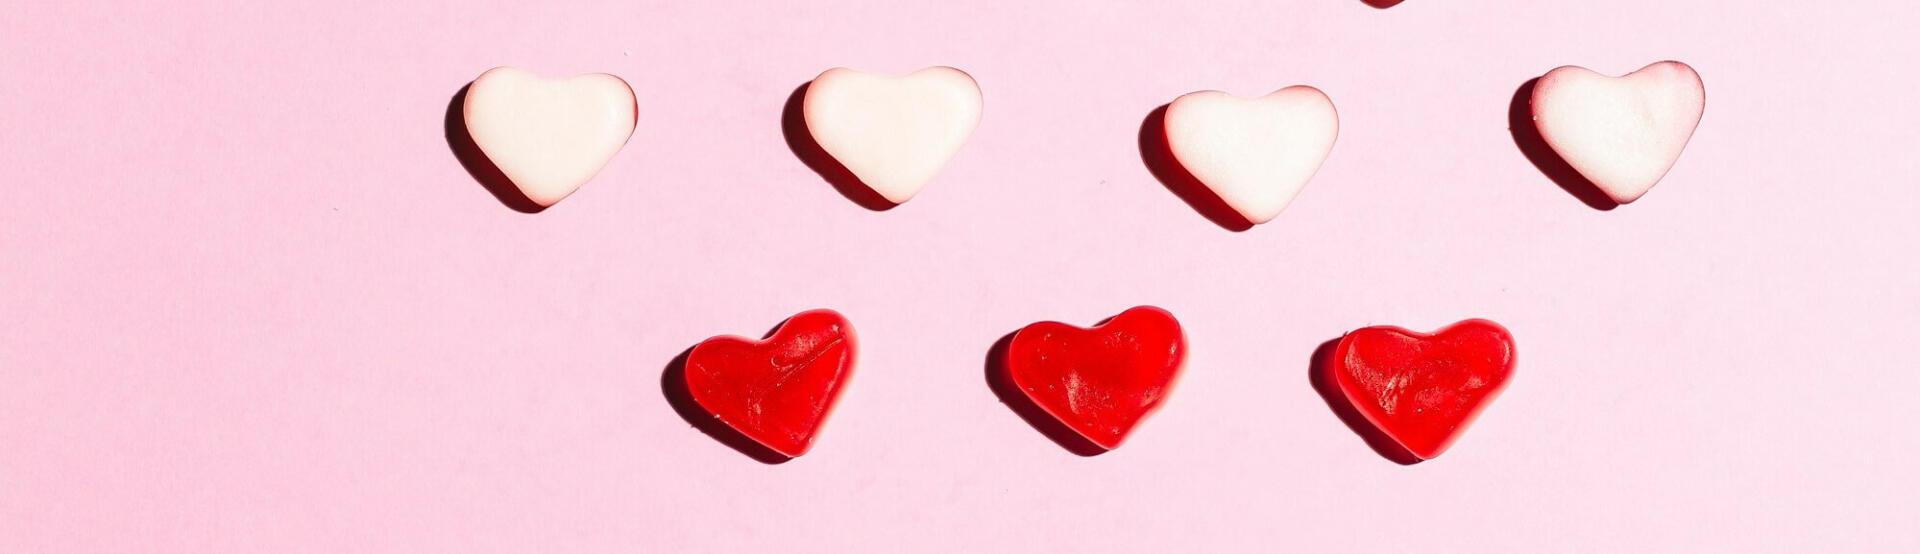 saint valentin eco friendly